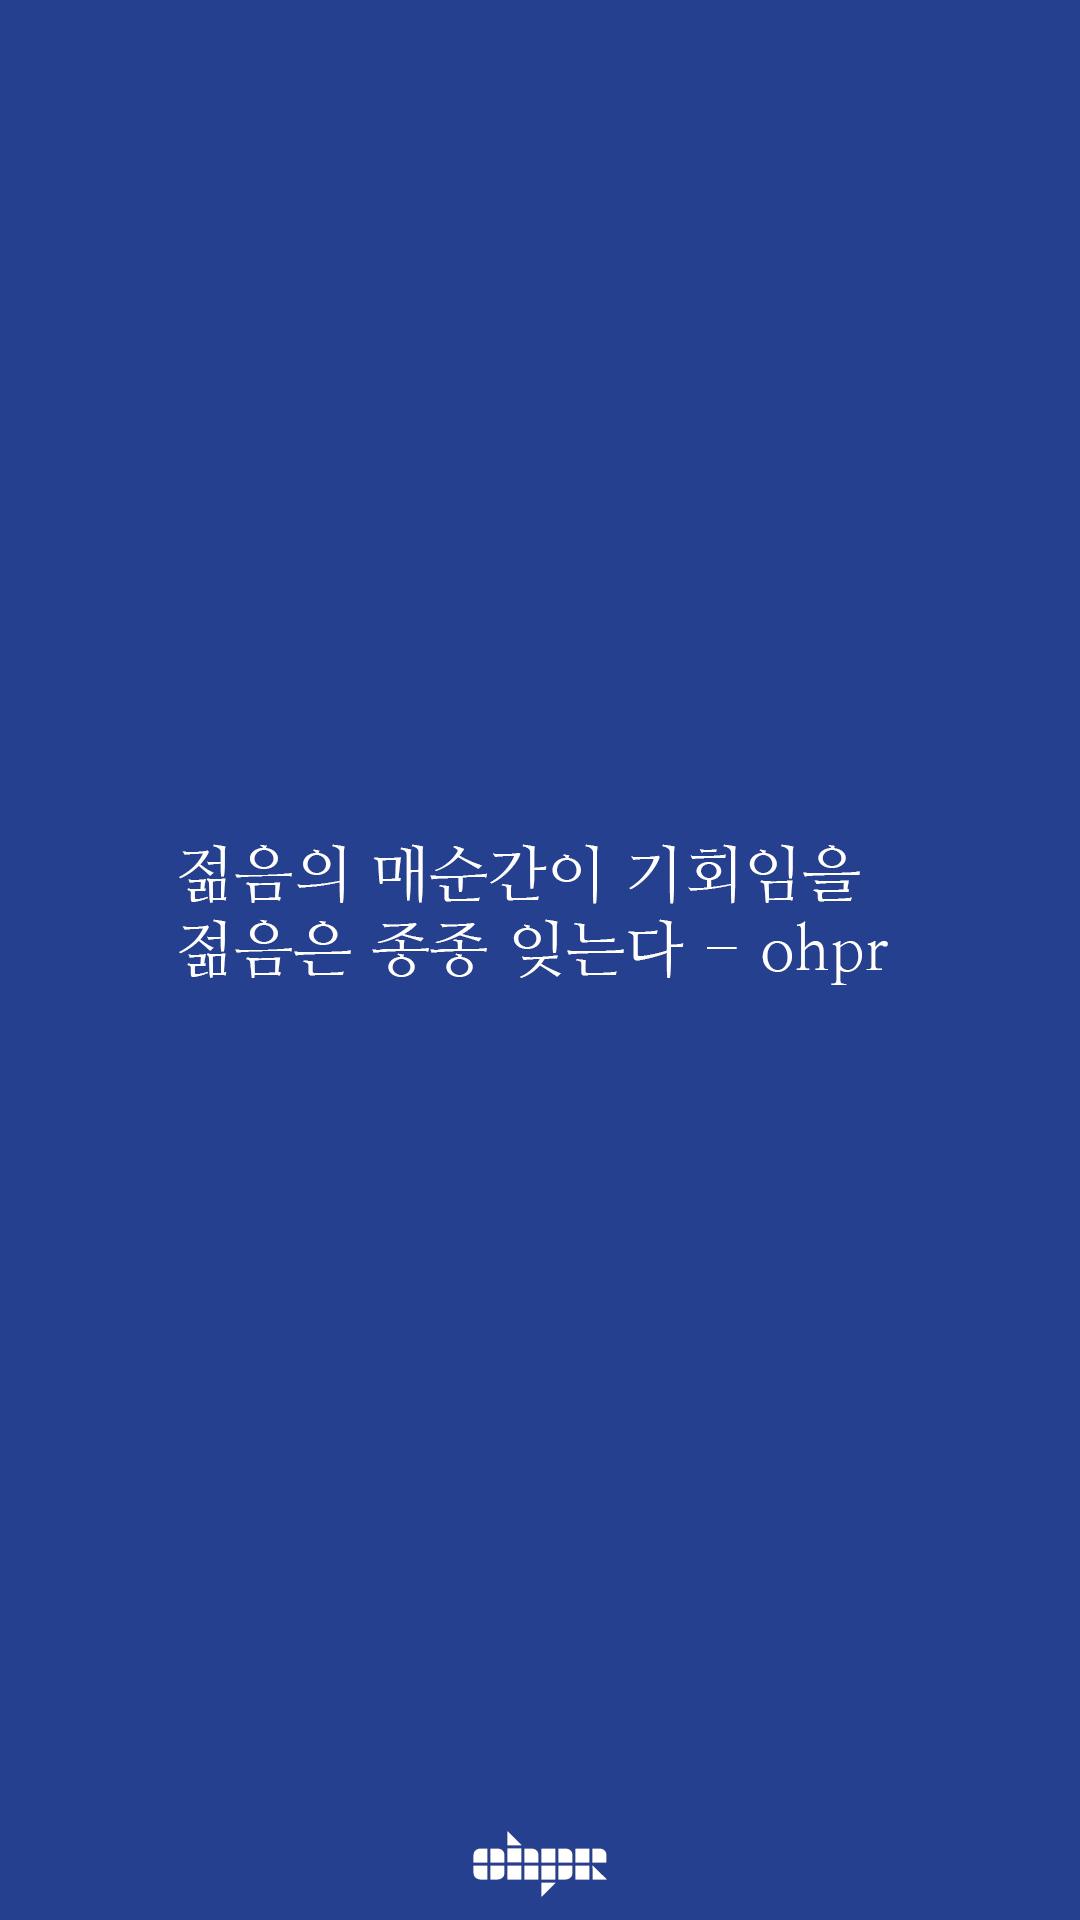 ohpr_wording10